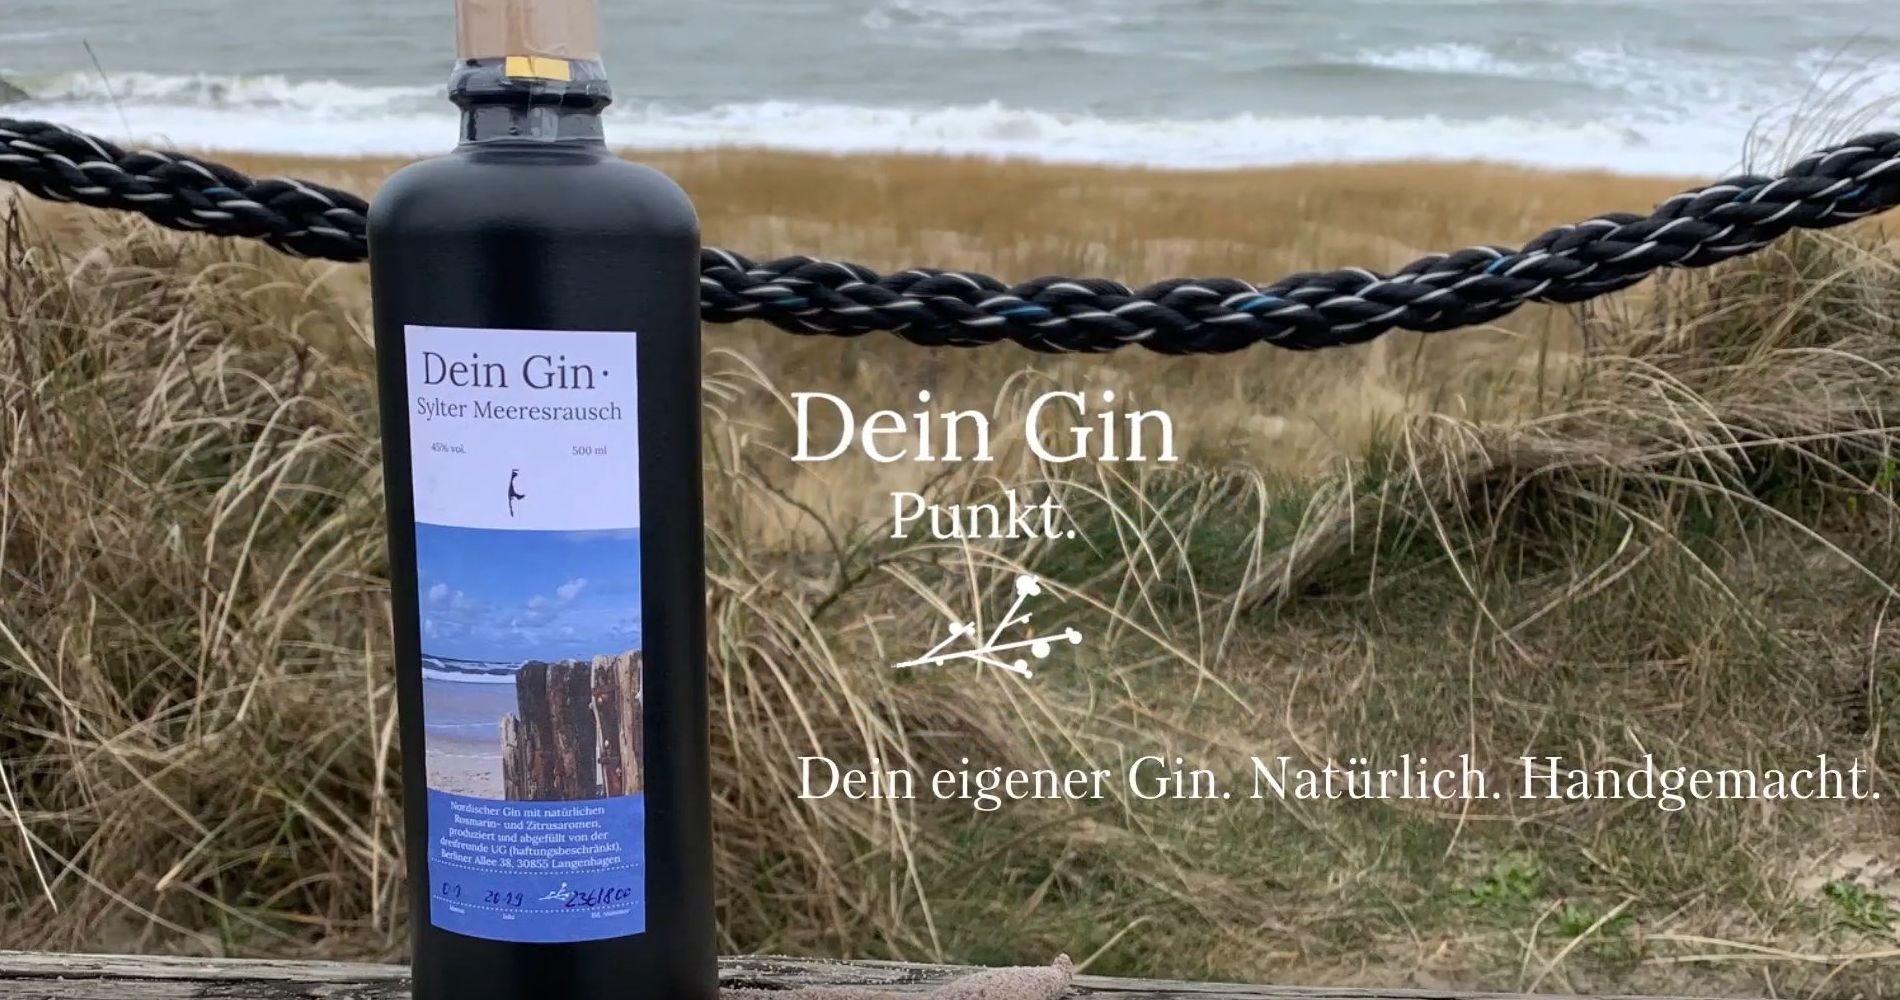 Deine Gin Eigenmarke   Deingin.eu